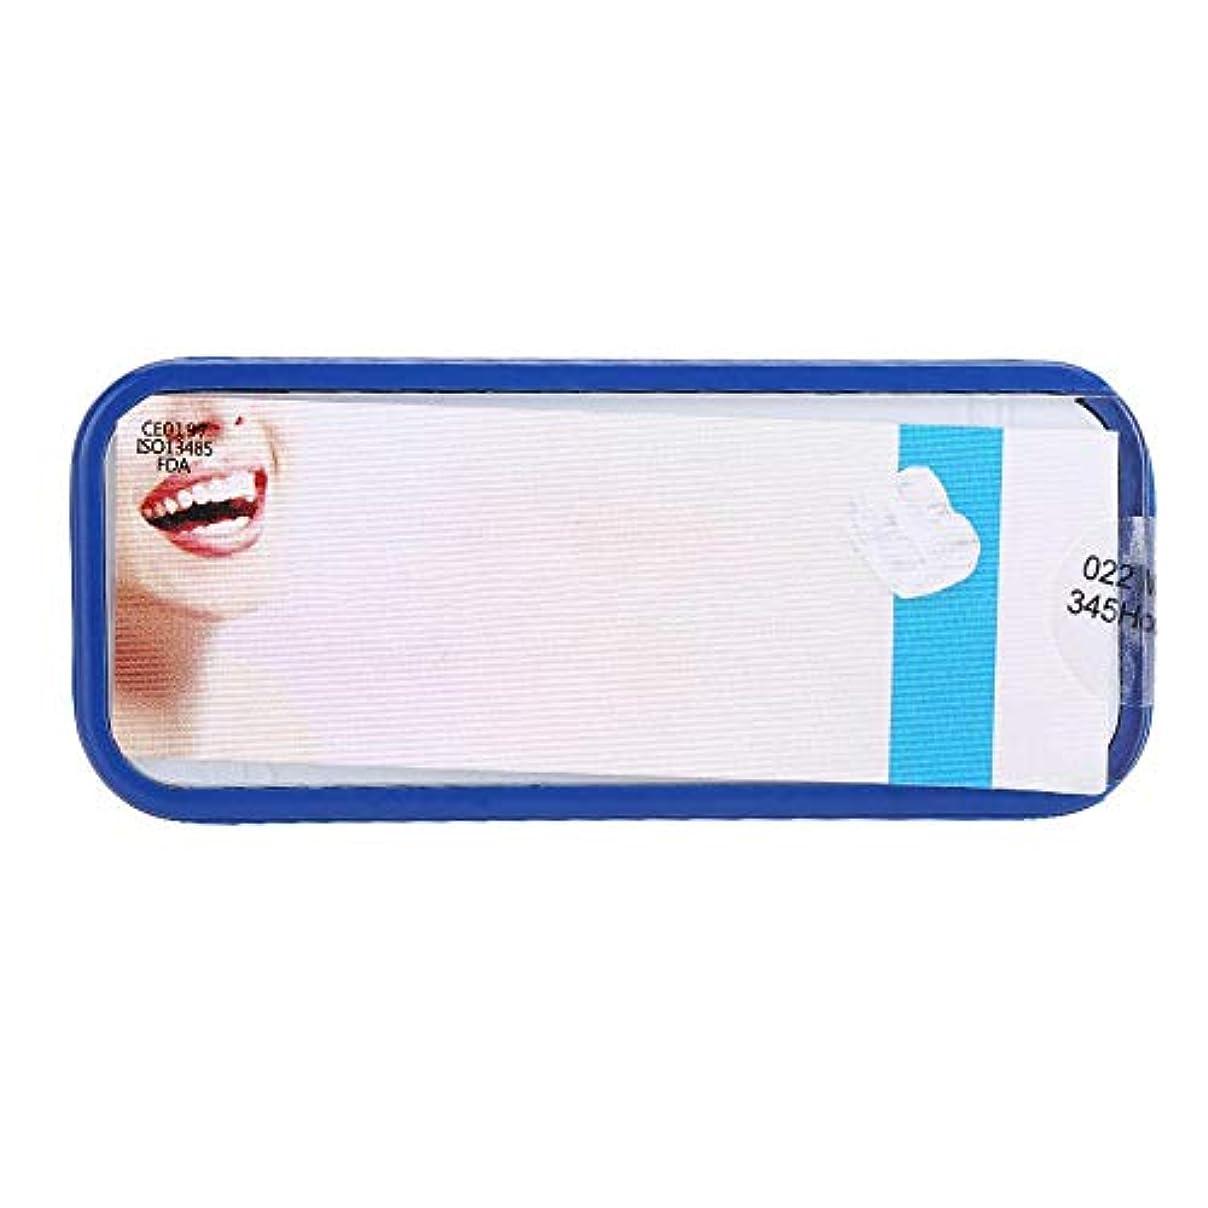 後継ぴかぴか酸化するNitrip セラミックブラケット 歯科矯正ブラケット 歯科矯正装置 歯科矯正用 022MBT 345Hooks